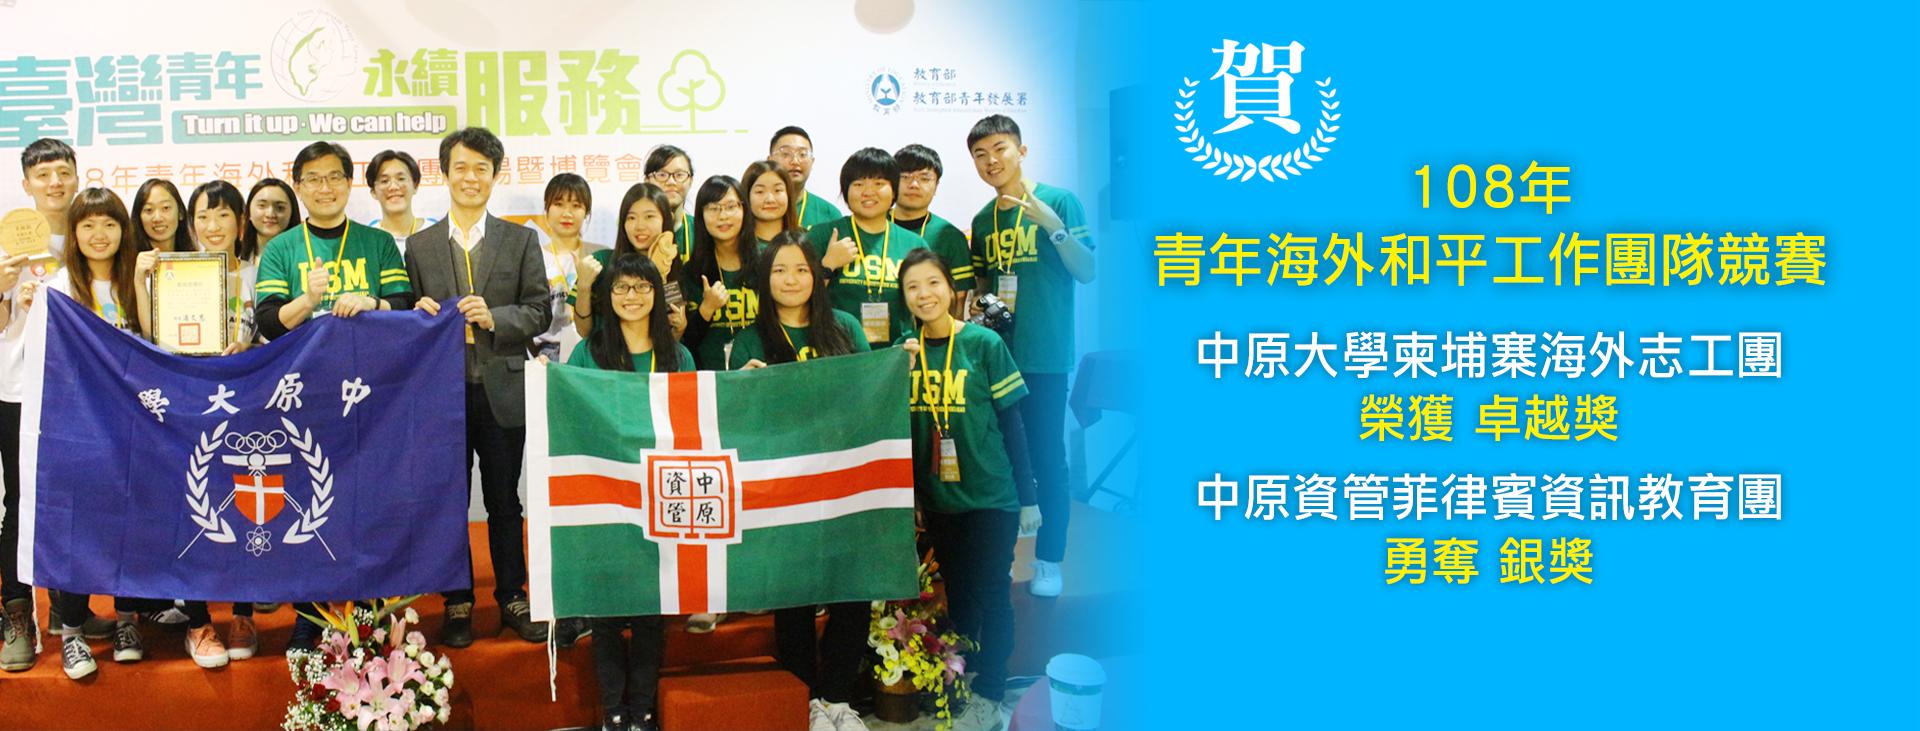 108 年青年海外和平工作團隊競賽獲獎名單